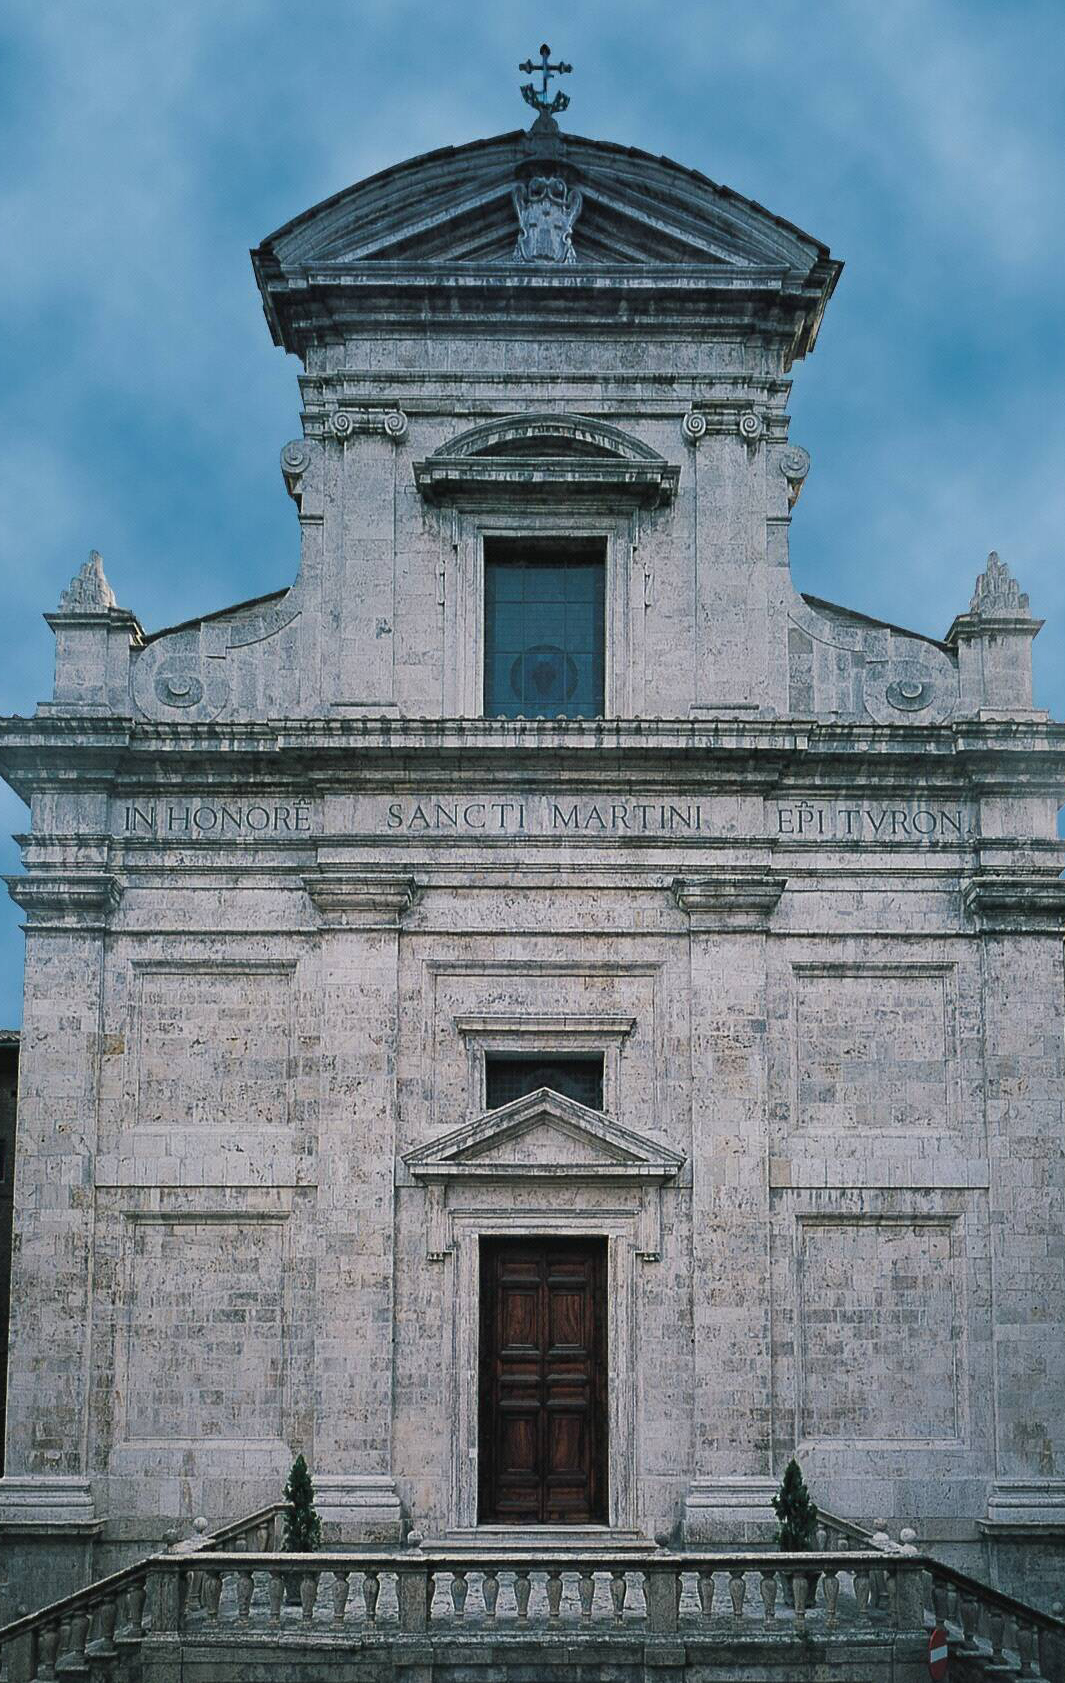 San Martino Siena Wikipedia